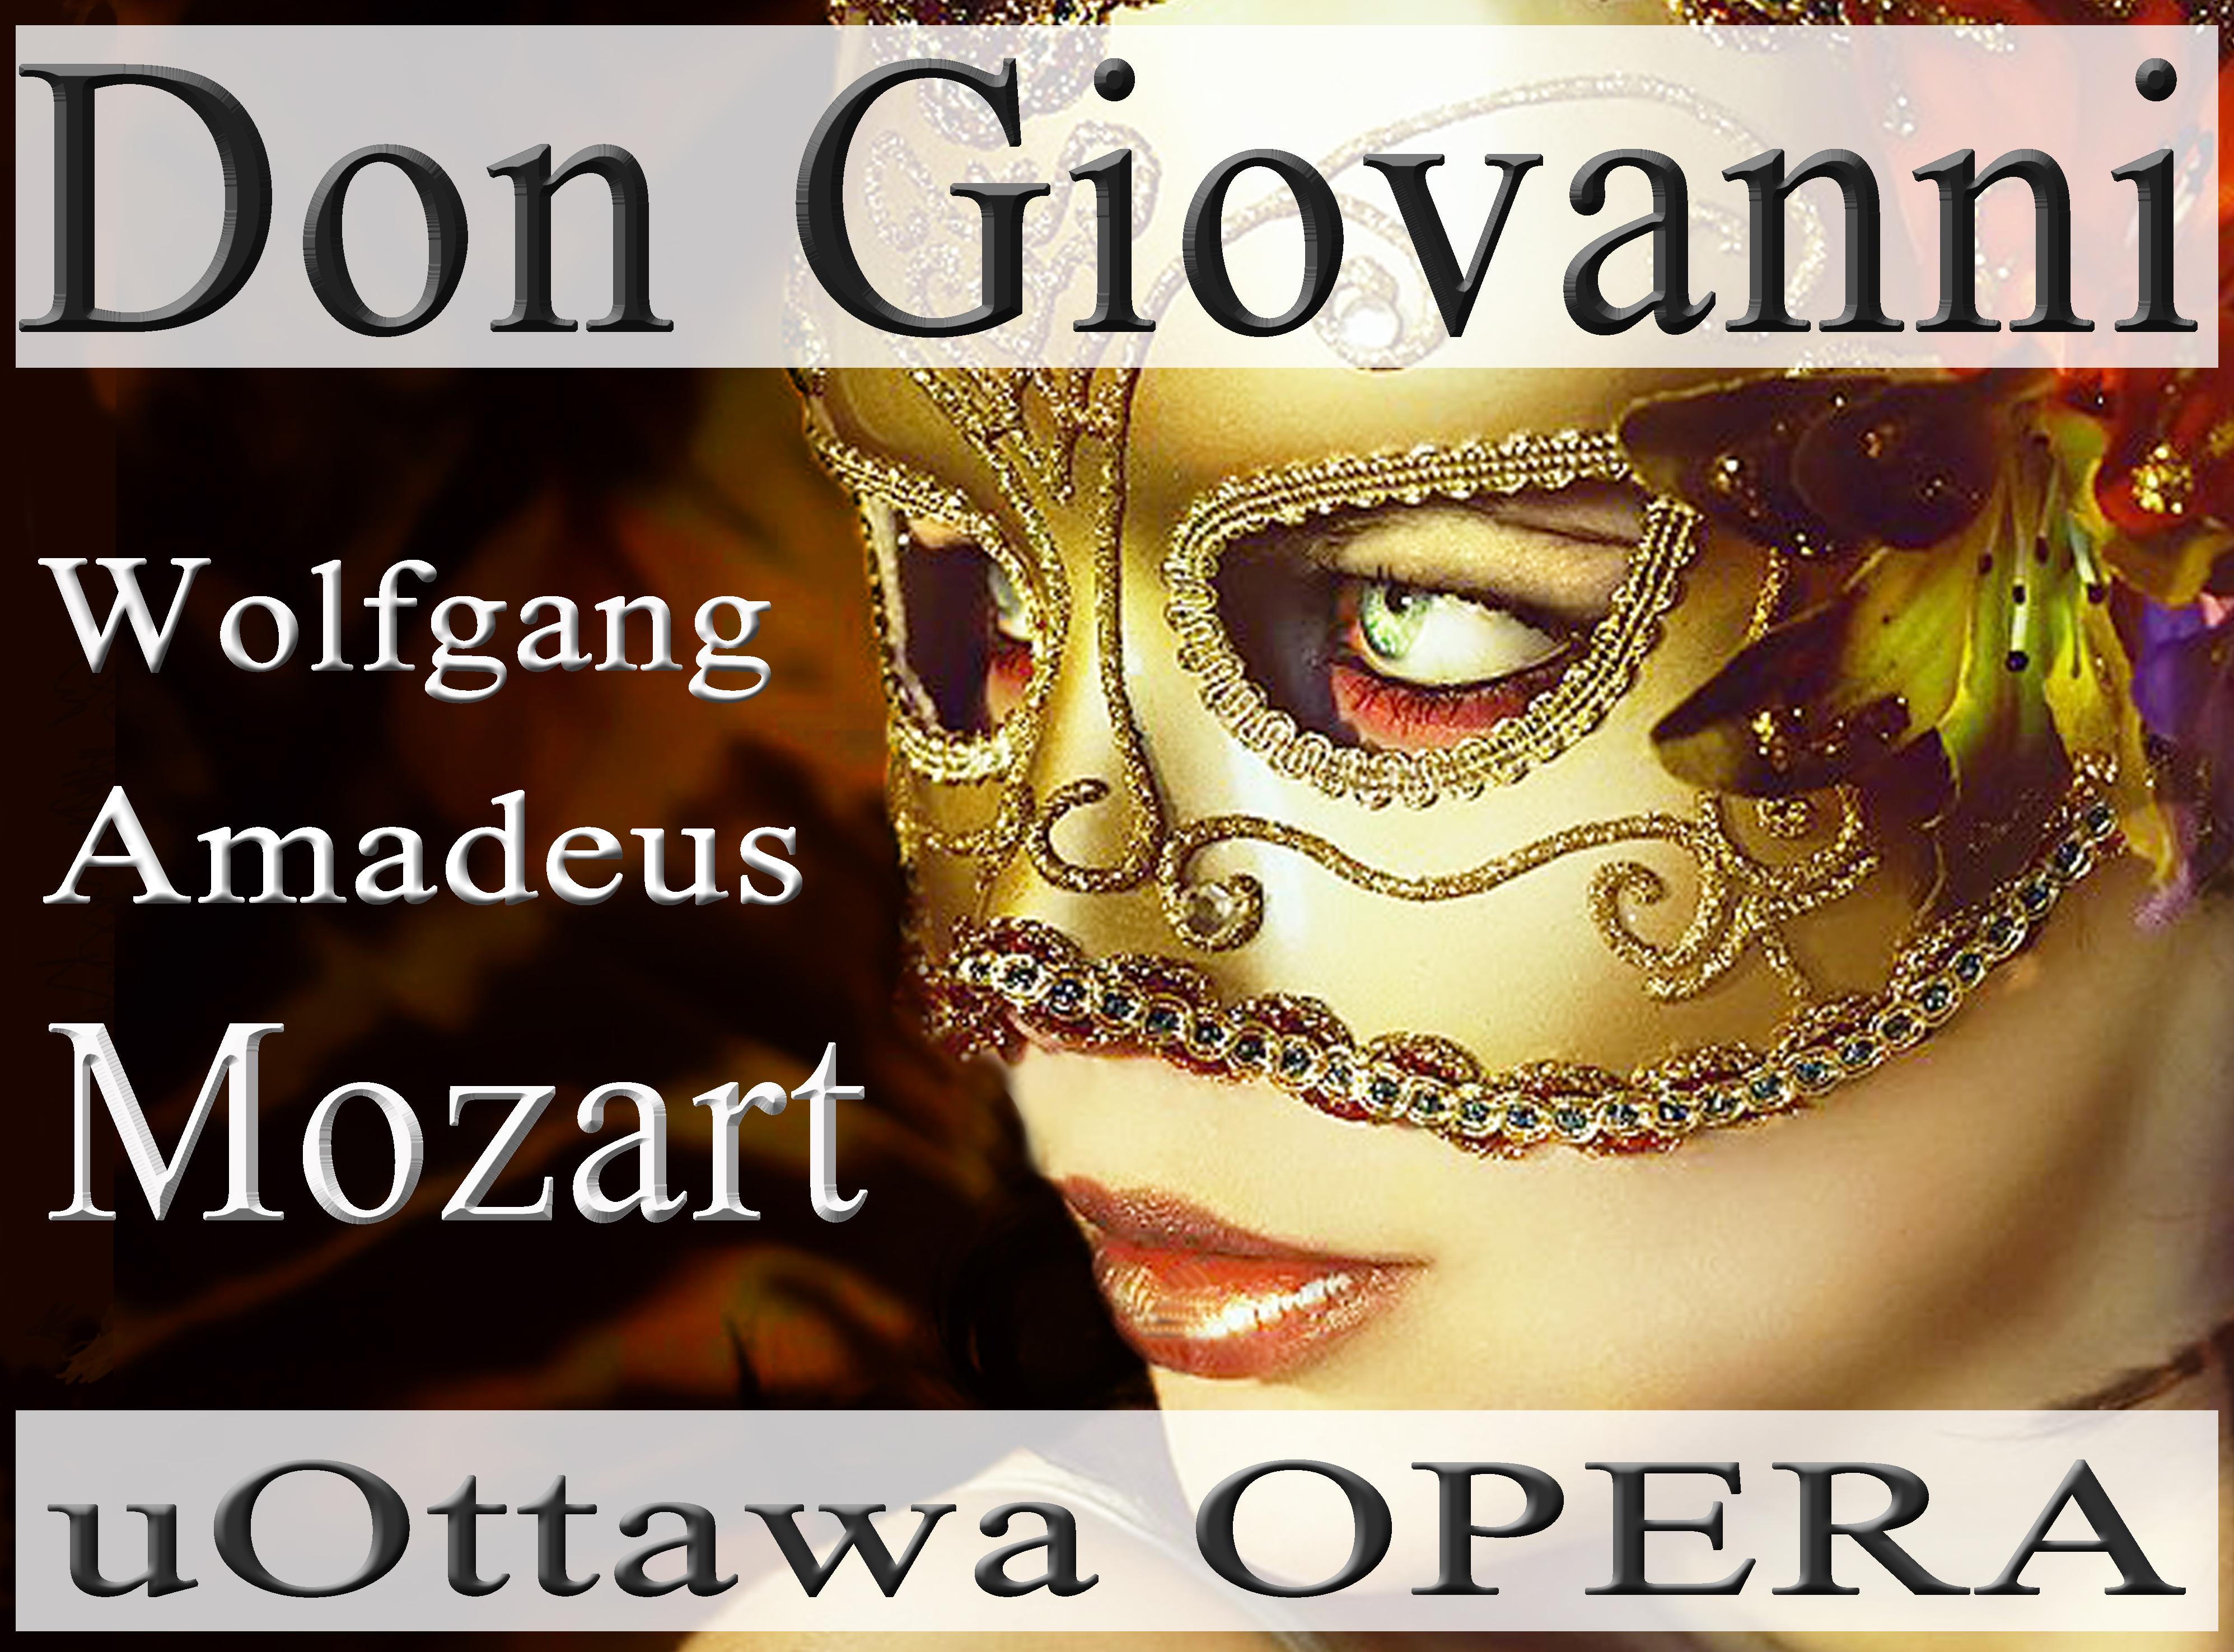 Don Giovanni - Wolfgang Amadeus Mozart - uOttawa Opera